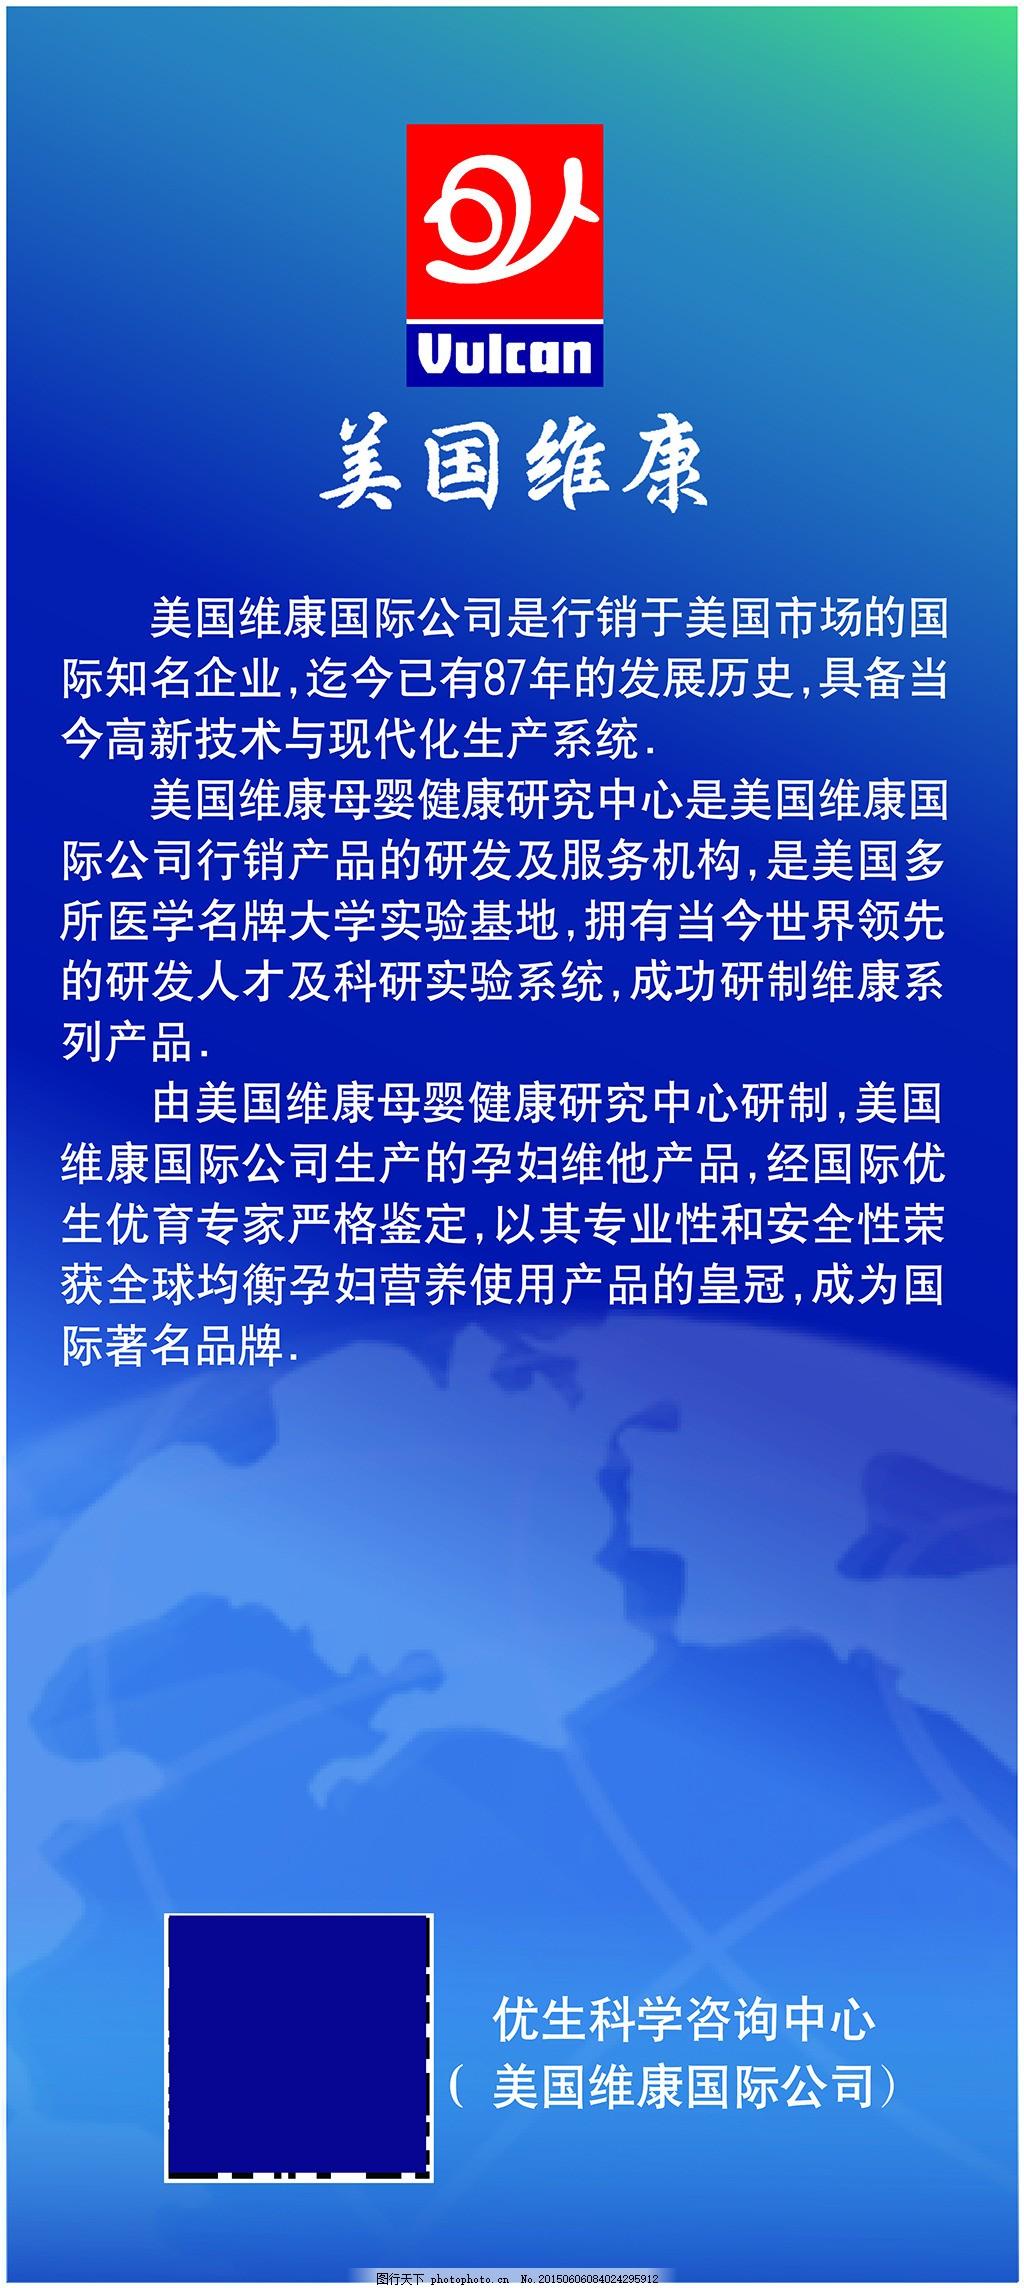 公司易拉宝 展板 公司简介 美国维康 孕妇易拉宝 蓝色